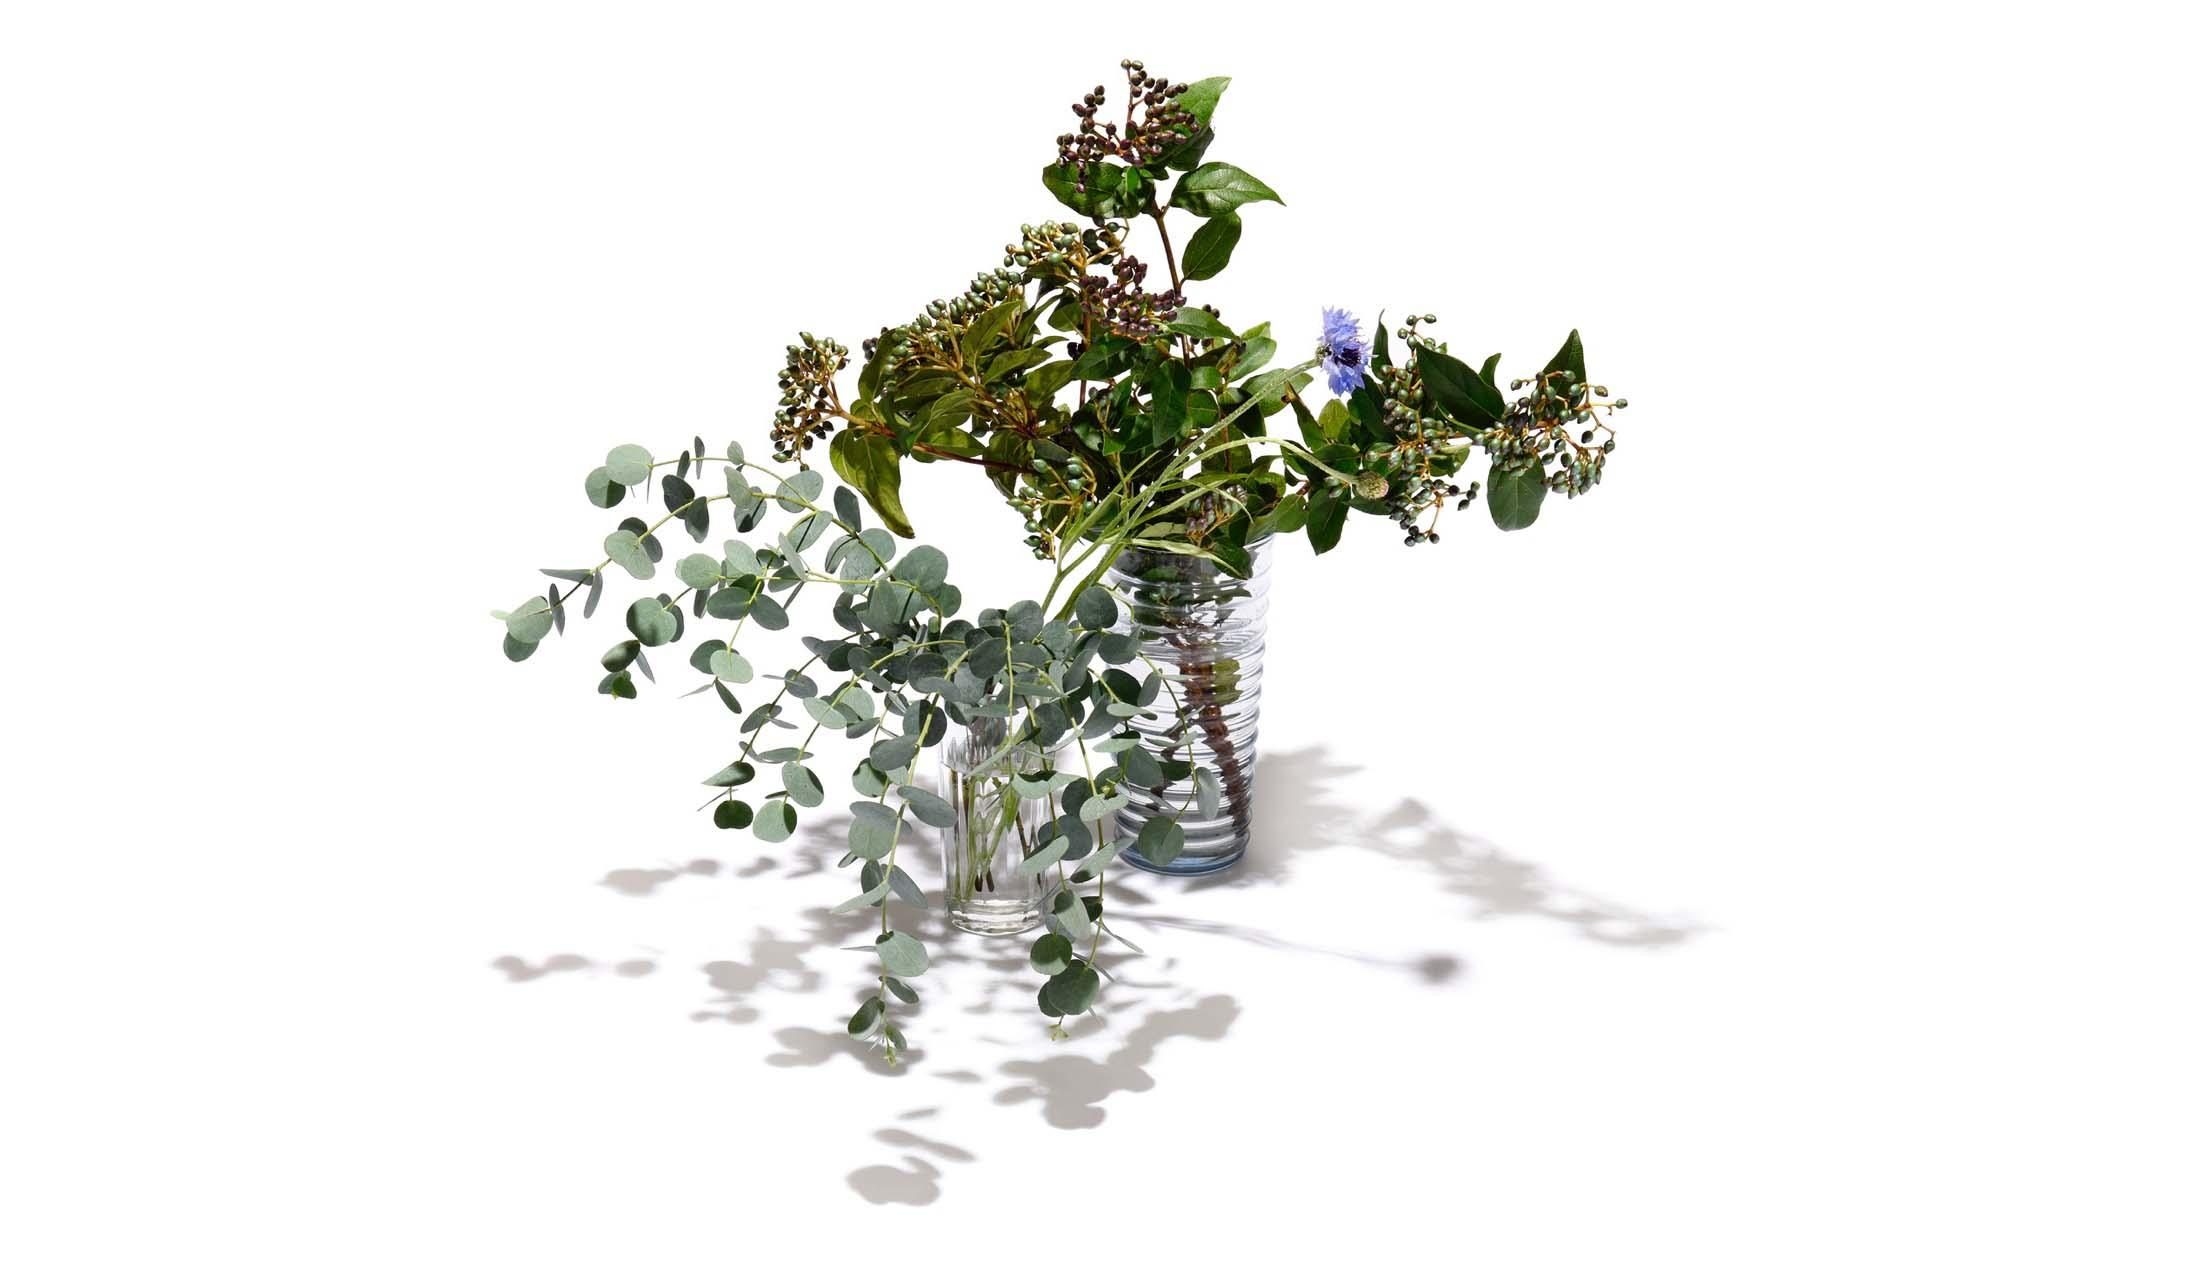 ビバーナム・ティナスとユーカリの花